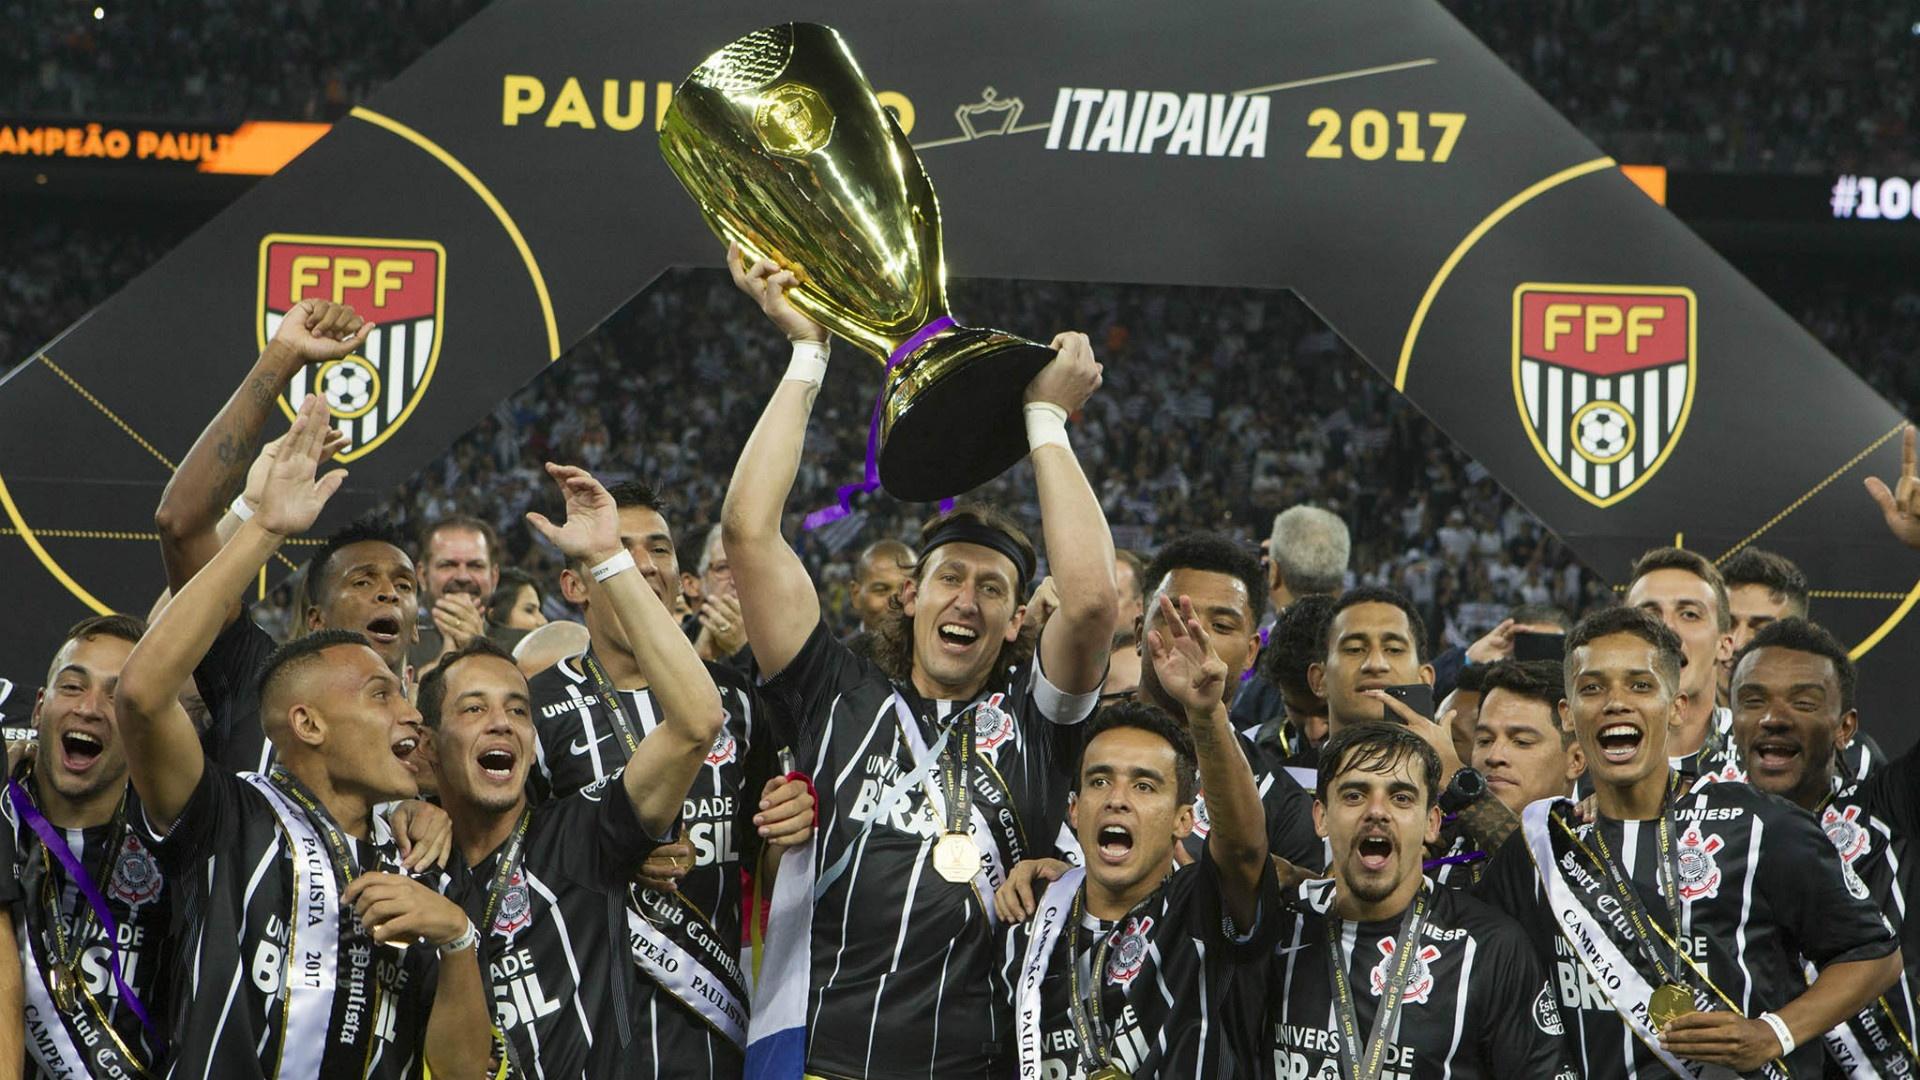 argumentos-comprovam-cassio-e-um-dos-melhores-goleiros-do-brasil-titulo